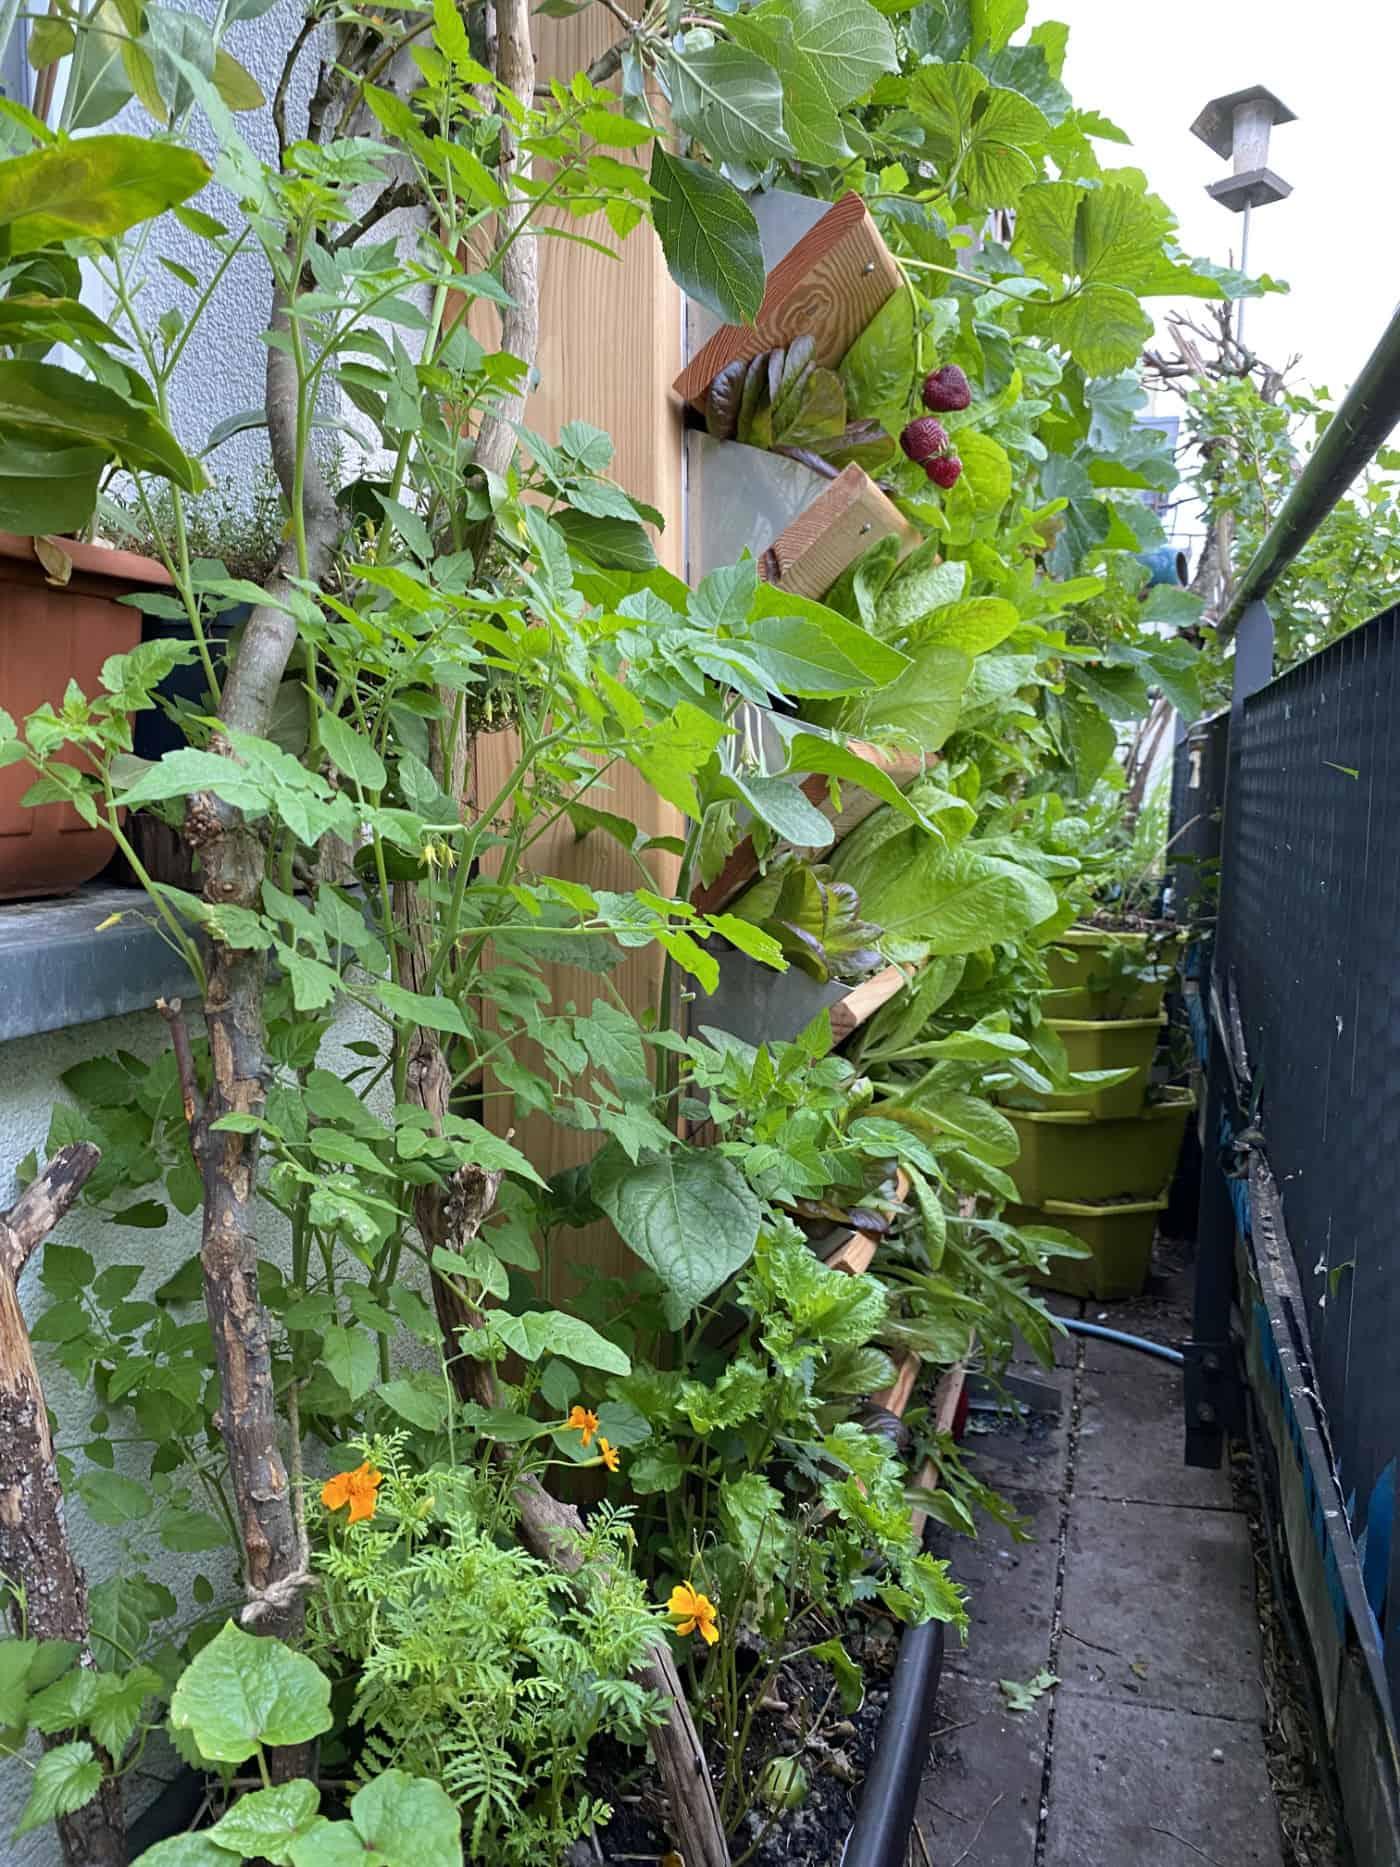 Naschbalkon mit Hopfen, Baumspinat, Gewürztages, Wildtomate, Andenbeere, Apfelbaum, Vertikalbeet mit Erdbeere, Sommersalat.